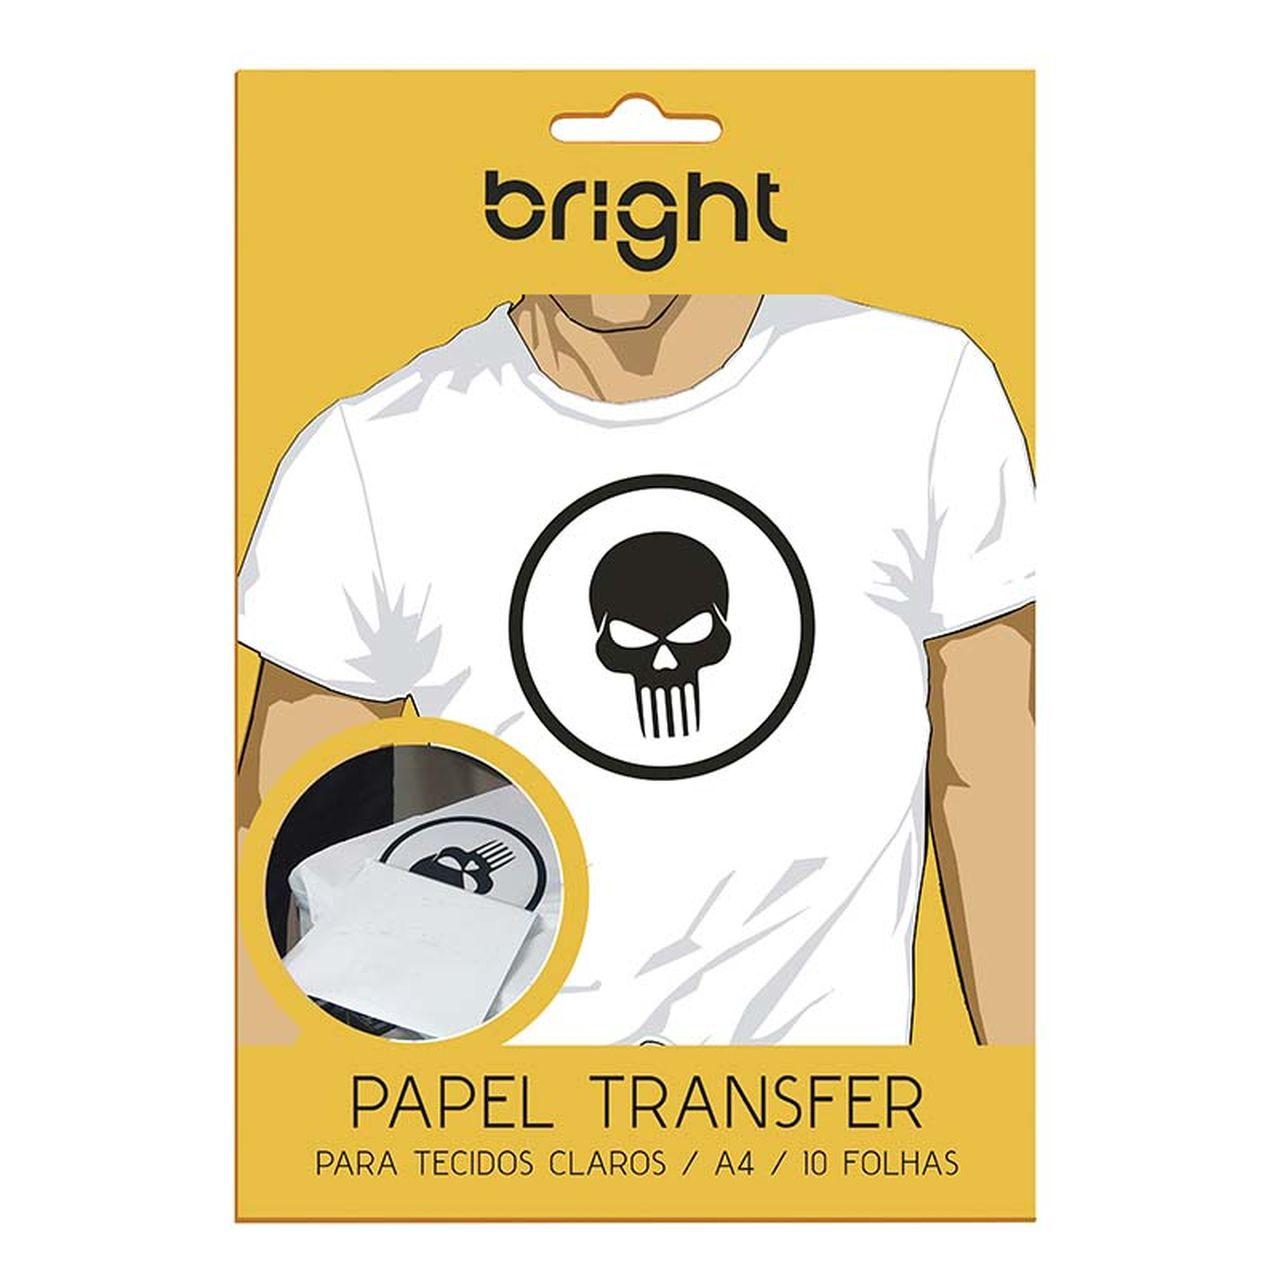 Papel Transfer para Tecido Claros 100 folhas 398 Bright